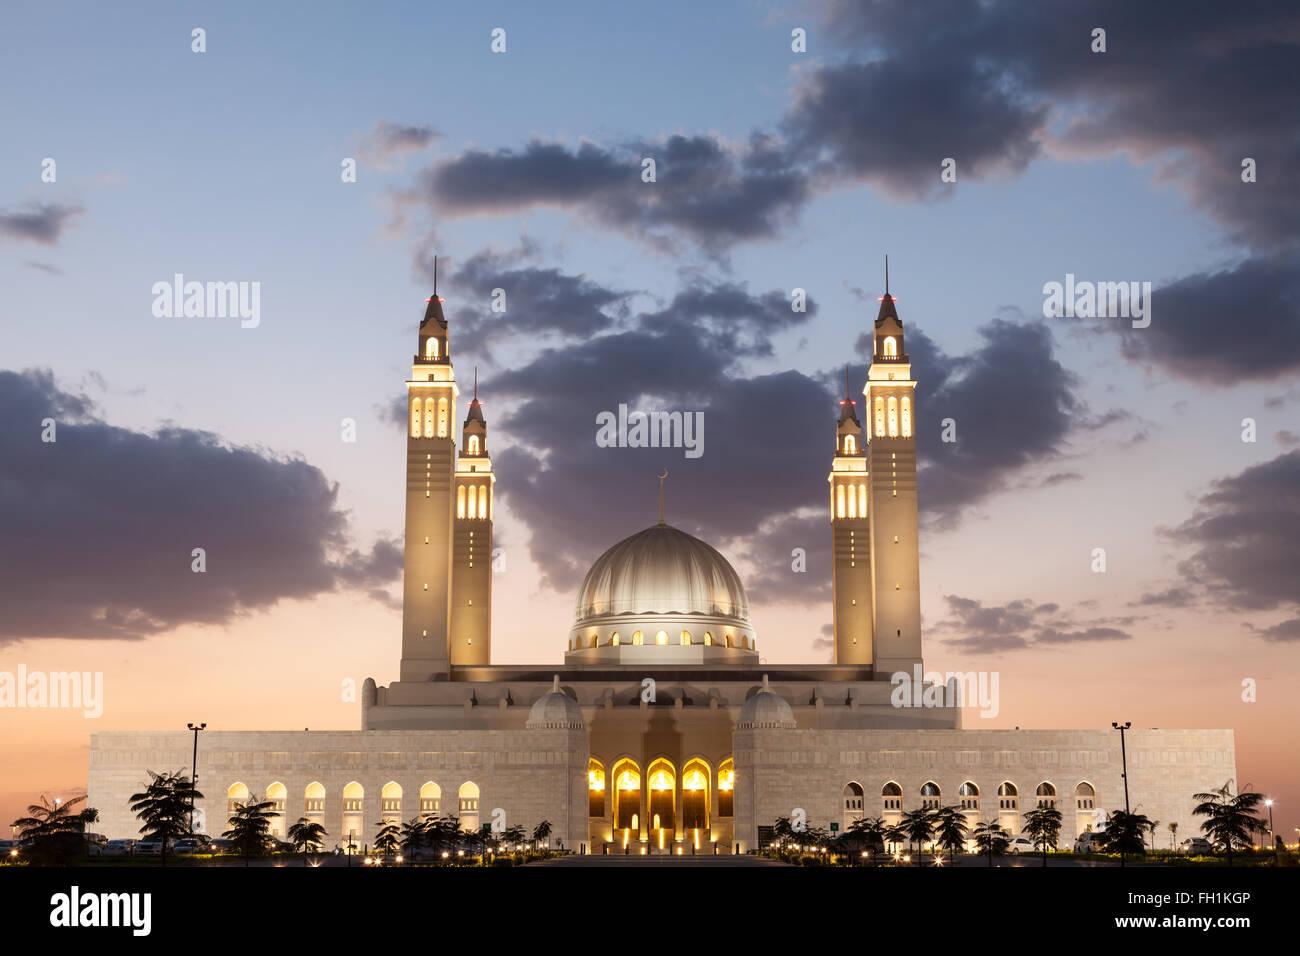 Grande mosquée de Nizwa est éclairée la nuit. Sultanat d'Oman, au Moyen-Orient Photo Stock